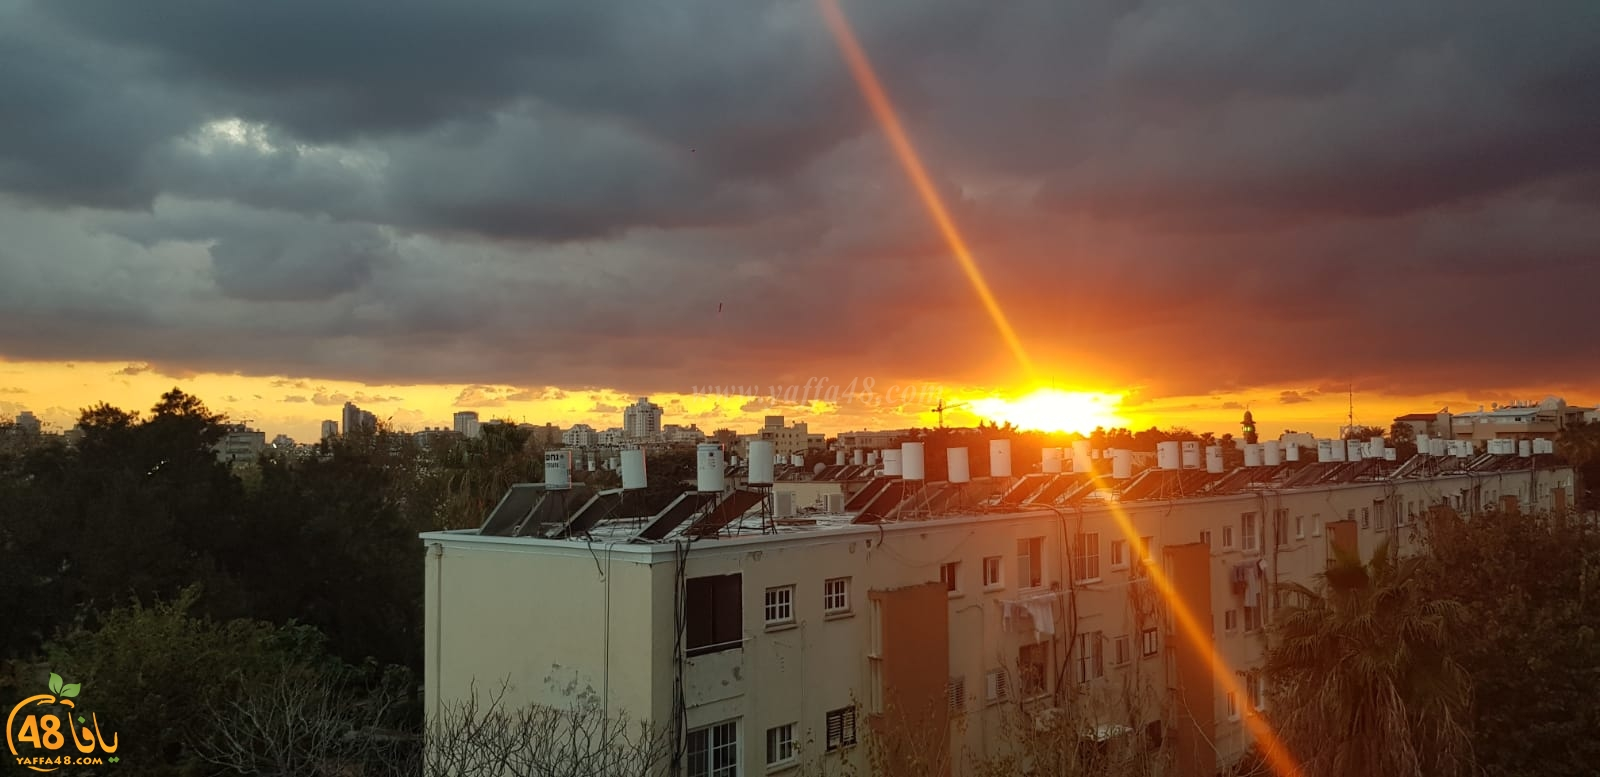 صورتي الأجمل: صور رائعة لغروب الشمس التقطت اليوم